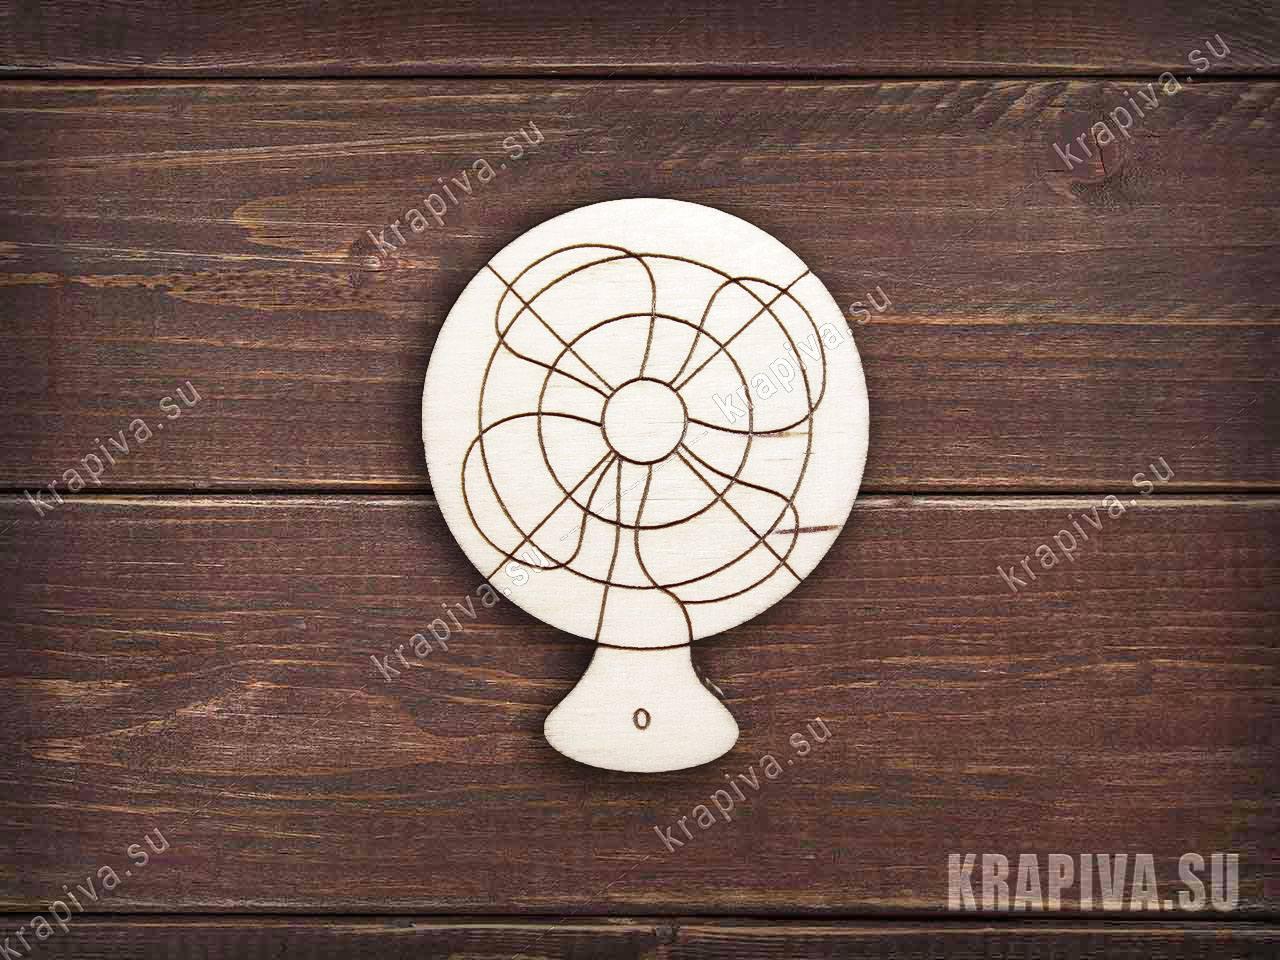 Вентилятор заготовка значка за 35 руб. в магазине Крапива (krapiva.su) (фото)